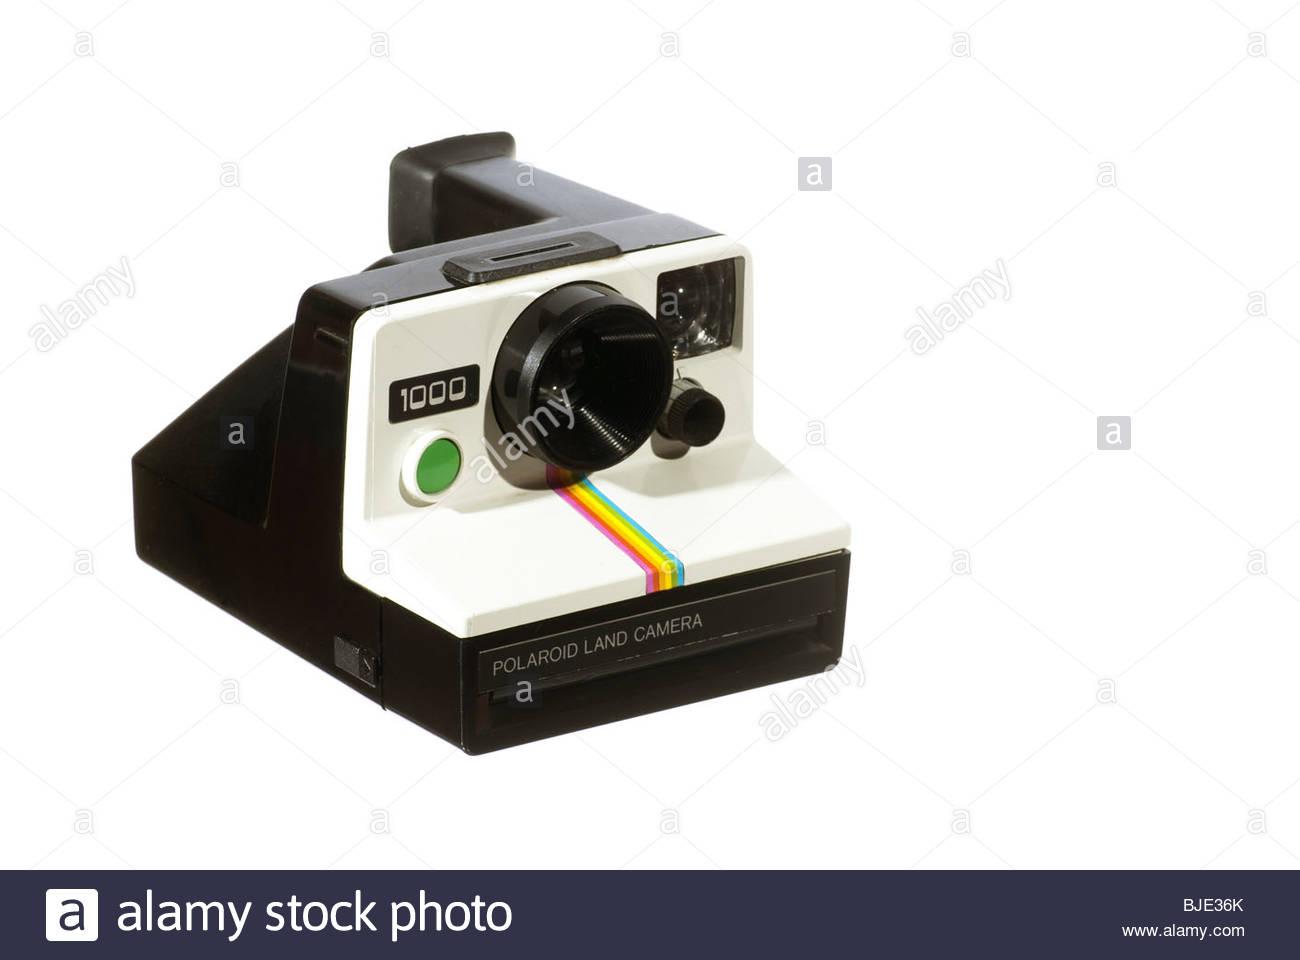 polaroid land camera 1000 instructions